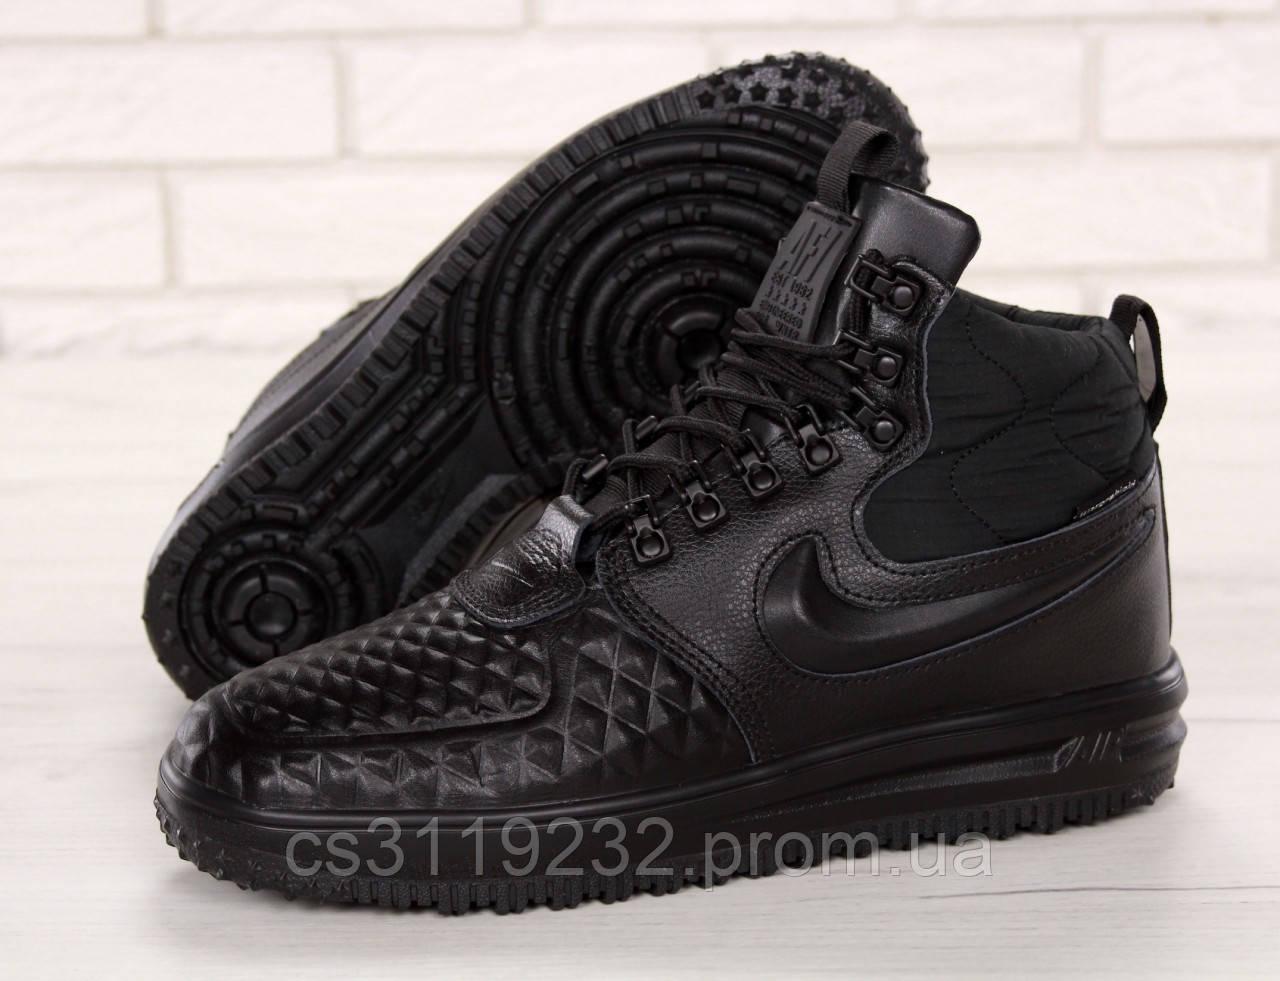 Женские кроссовки Nike Lunar Force 1 Duckboot '17 Black (черные)